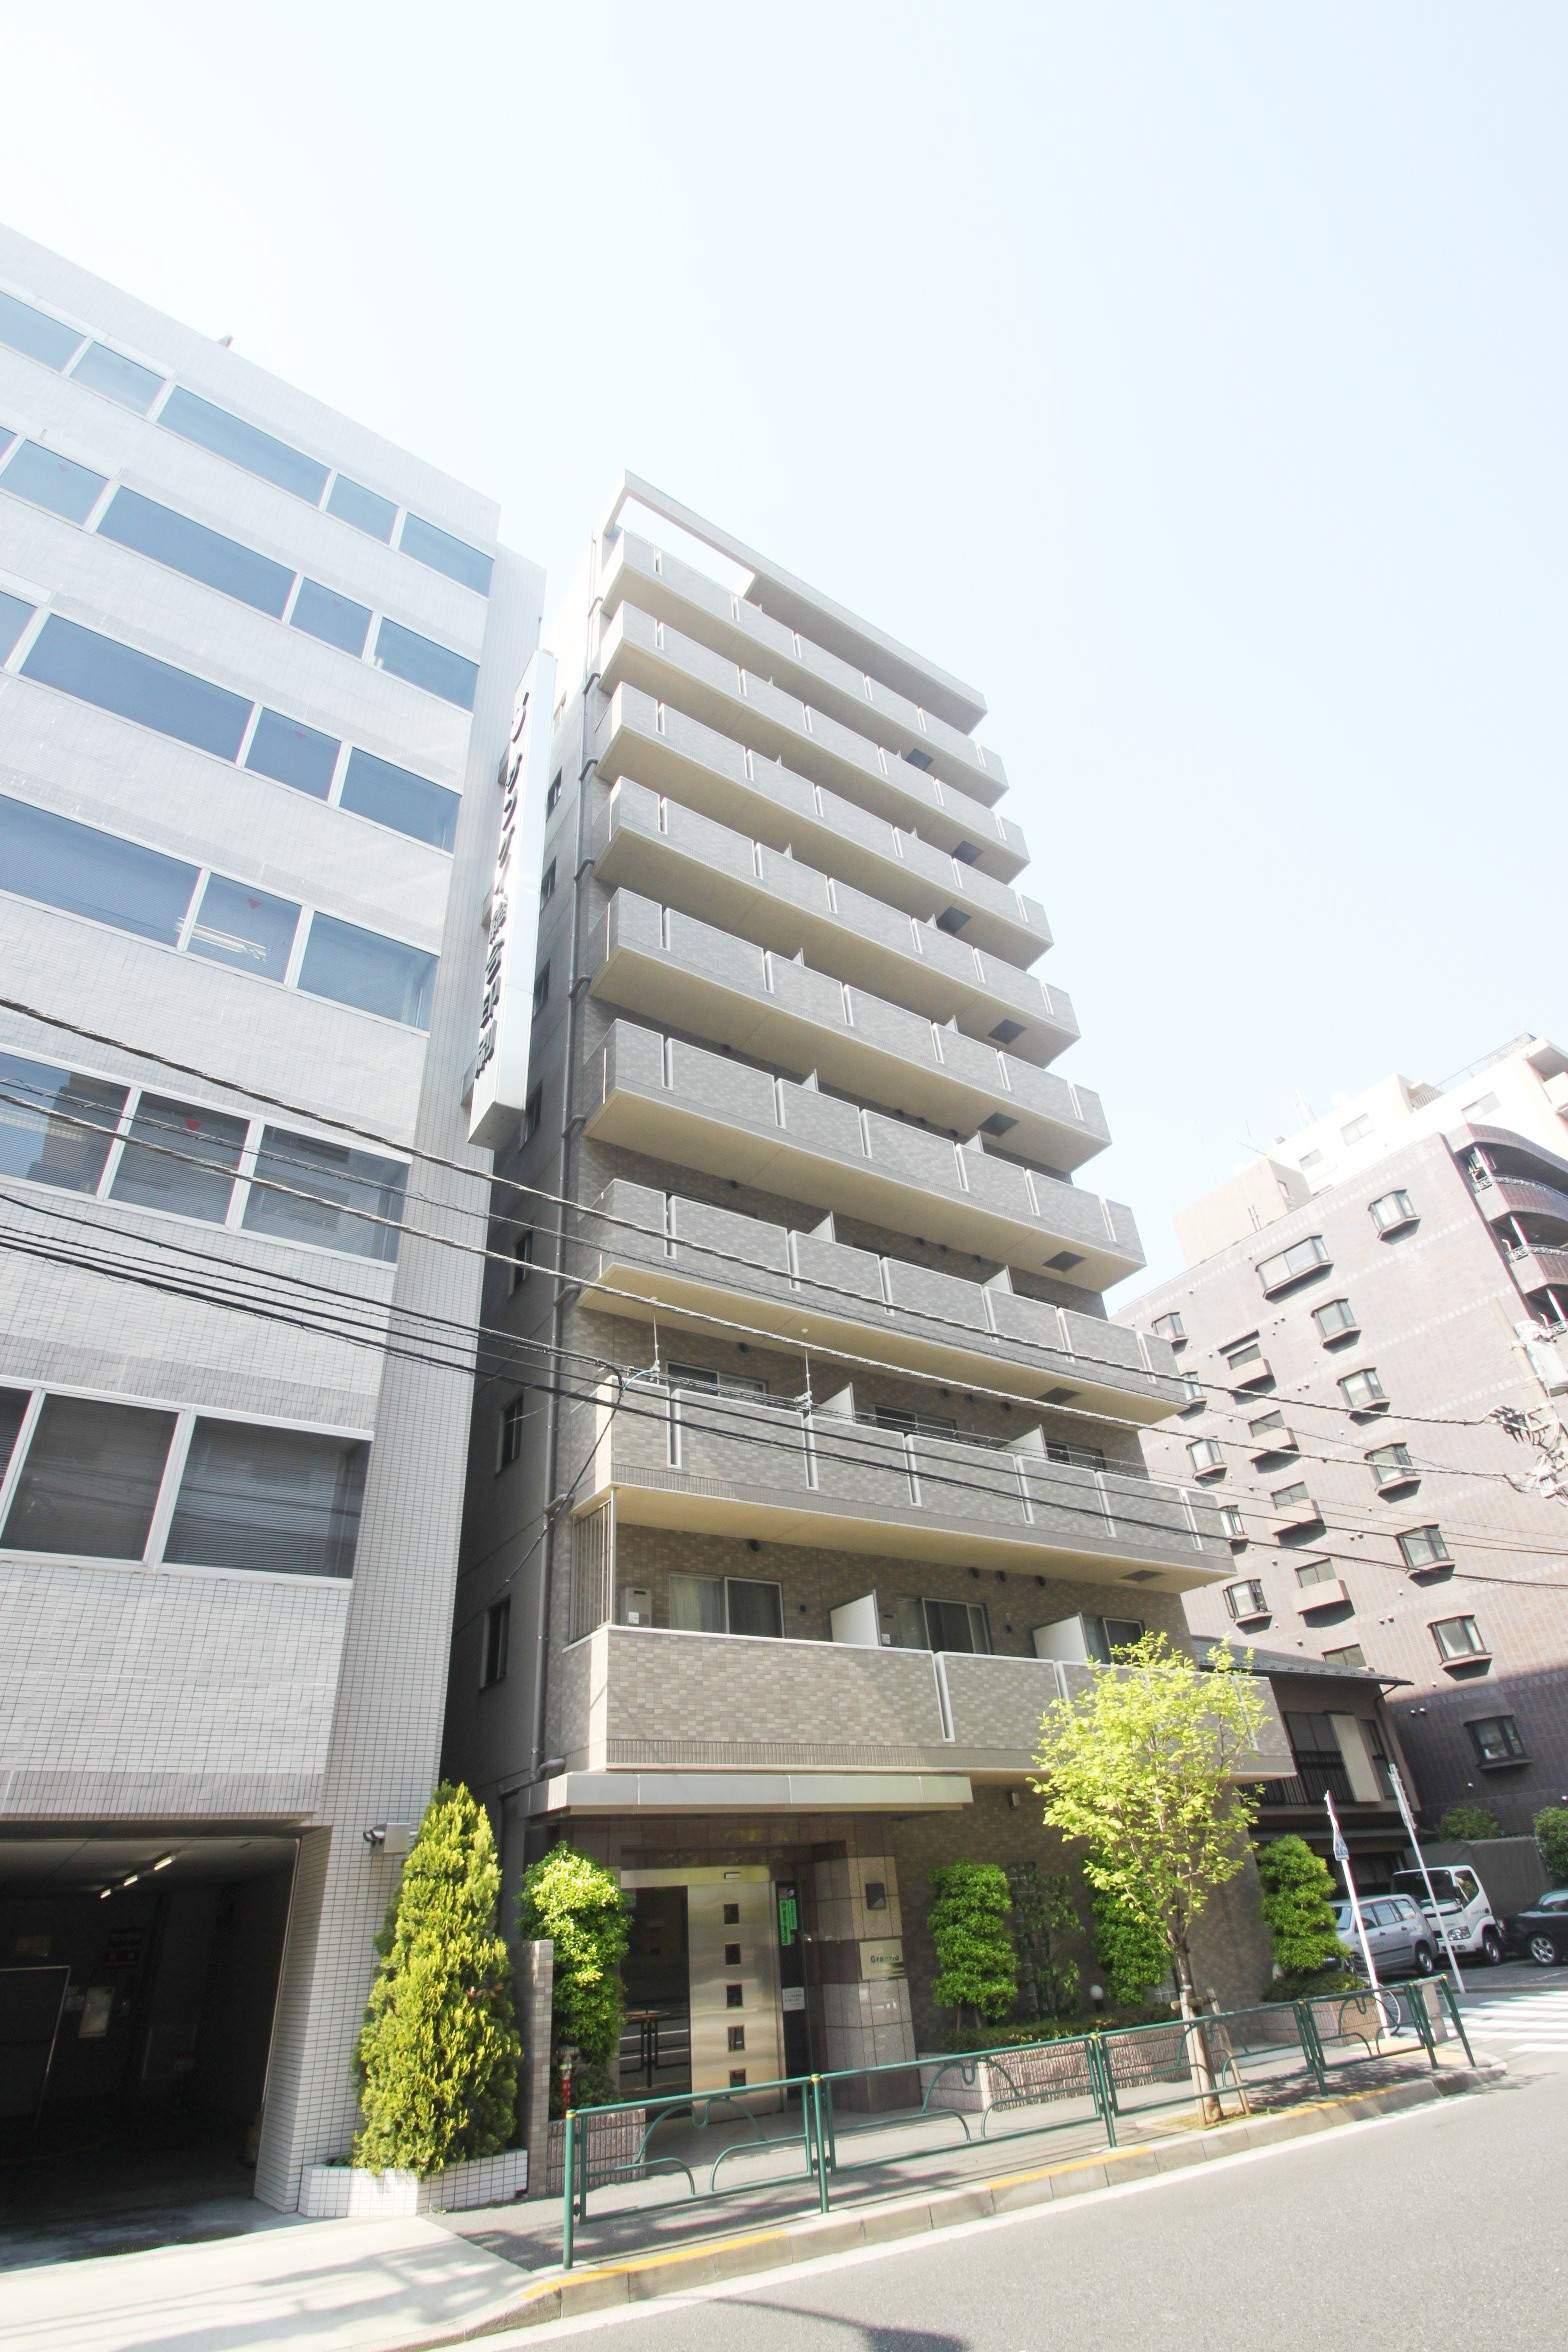 東京都江東区、越中島駅徒歩12分の築13年 10階建の賃貸マンション